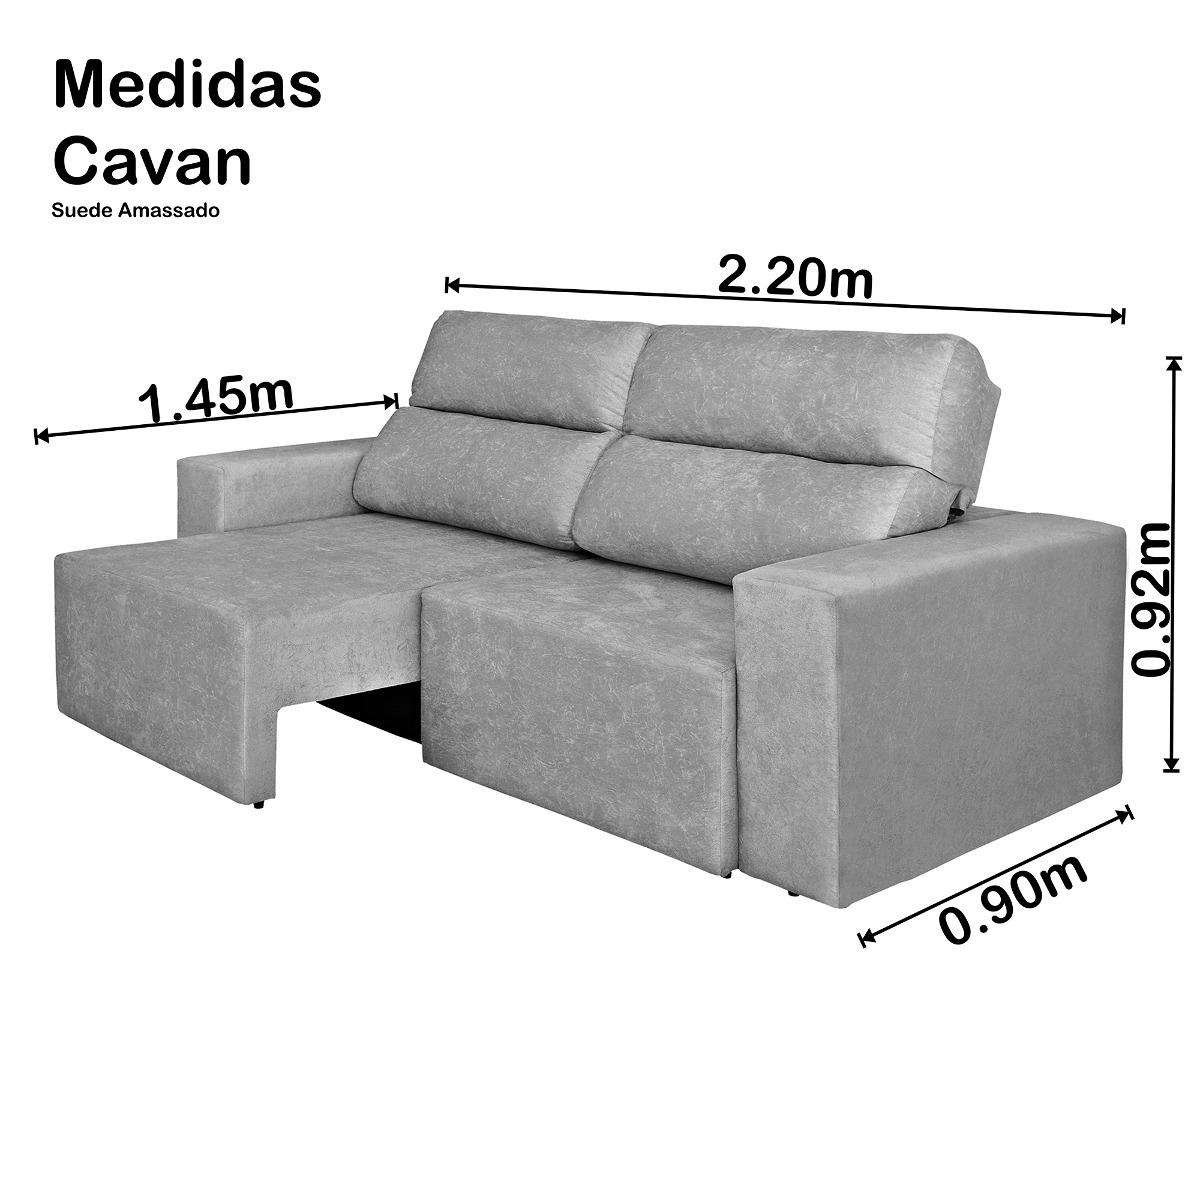 8a75d92c4 sofá 4 lugares cavan retrátil e reclinável suede a marrom. Carregando zoom.